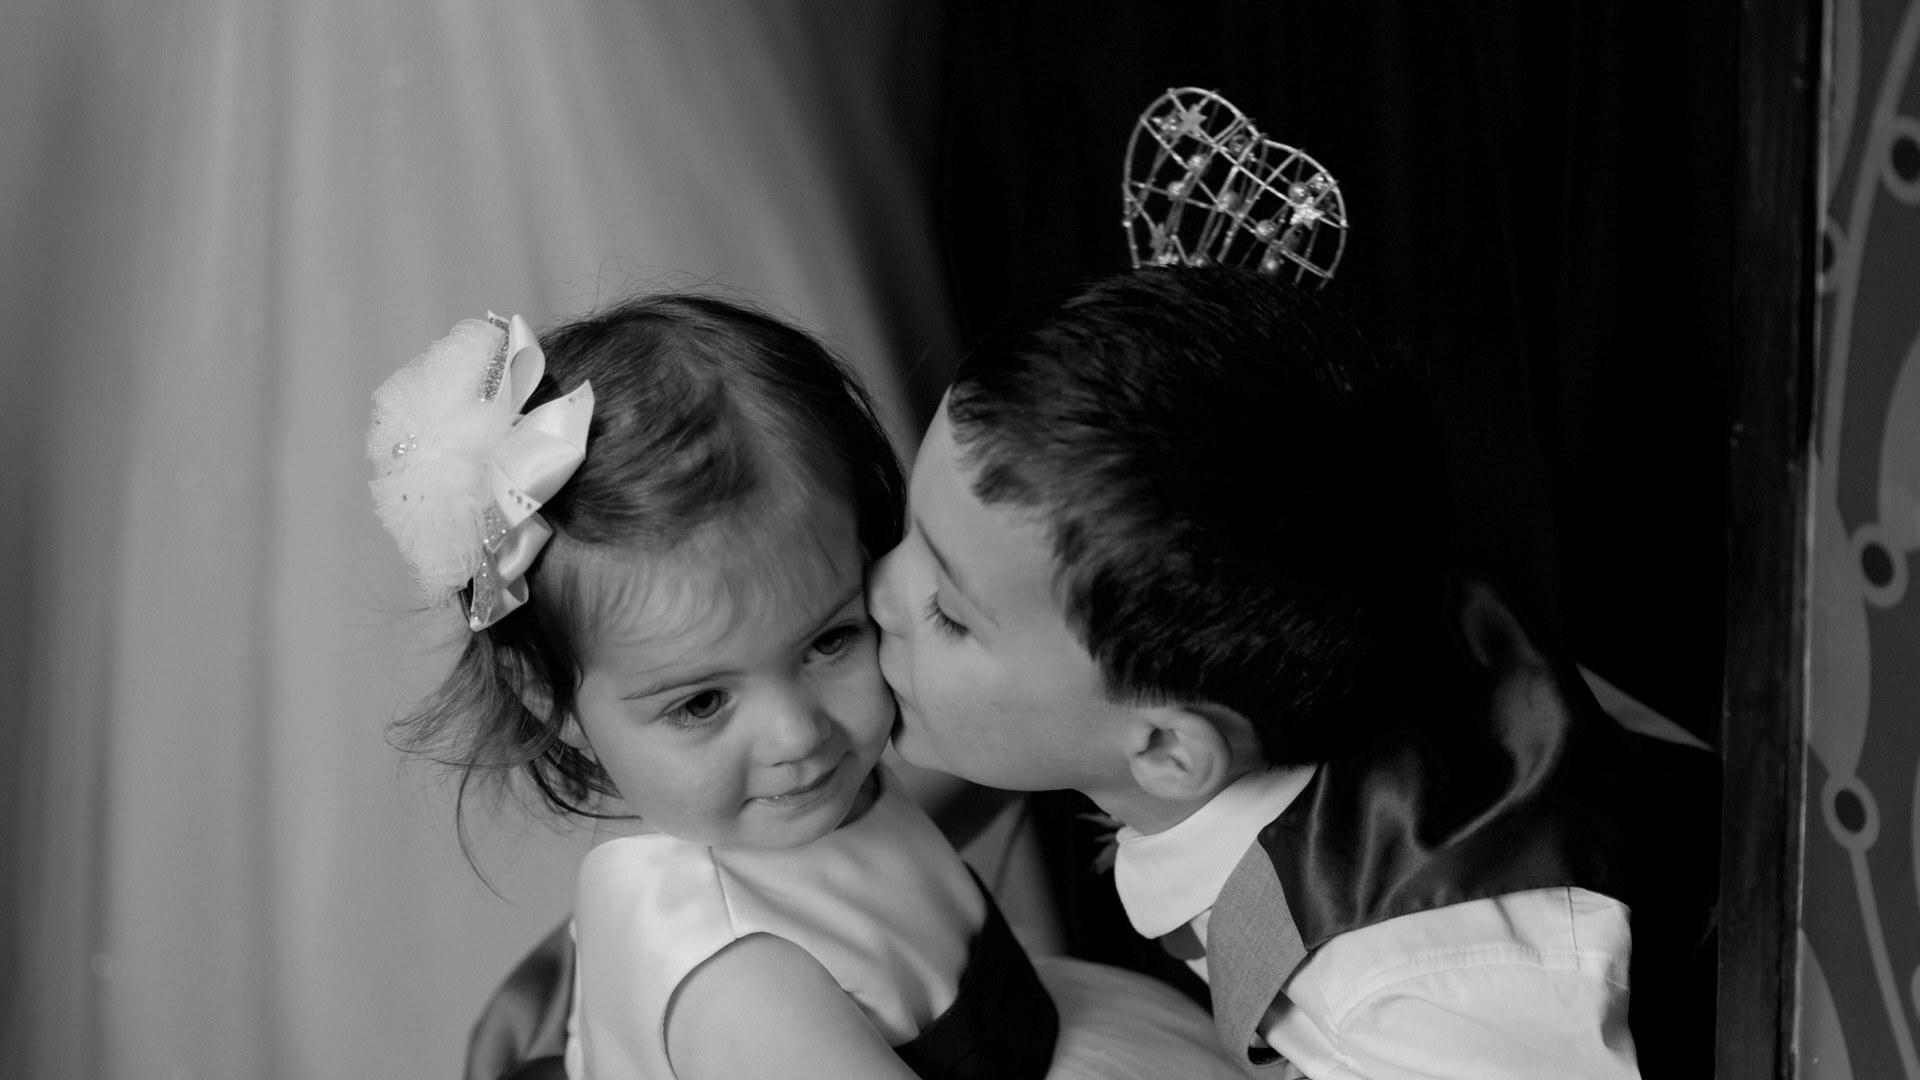 BUCHAN-BRAES-JULY-WEDDING (10).jpg